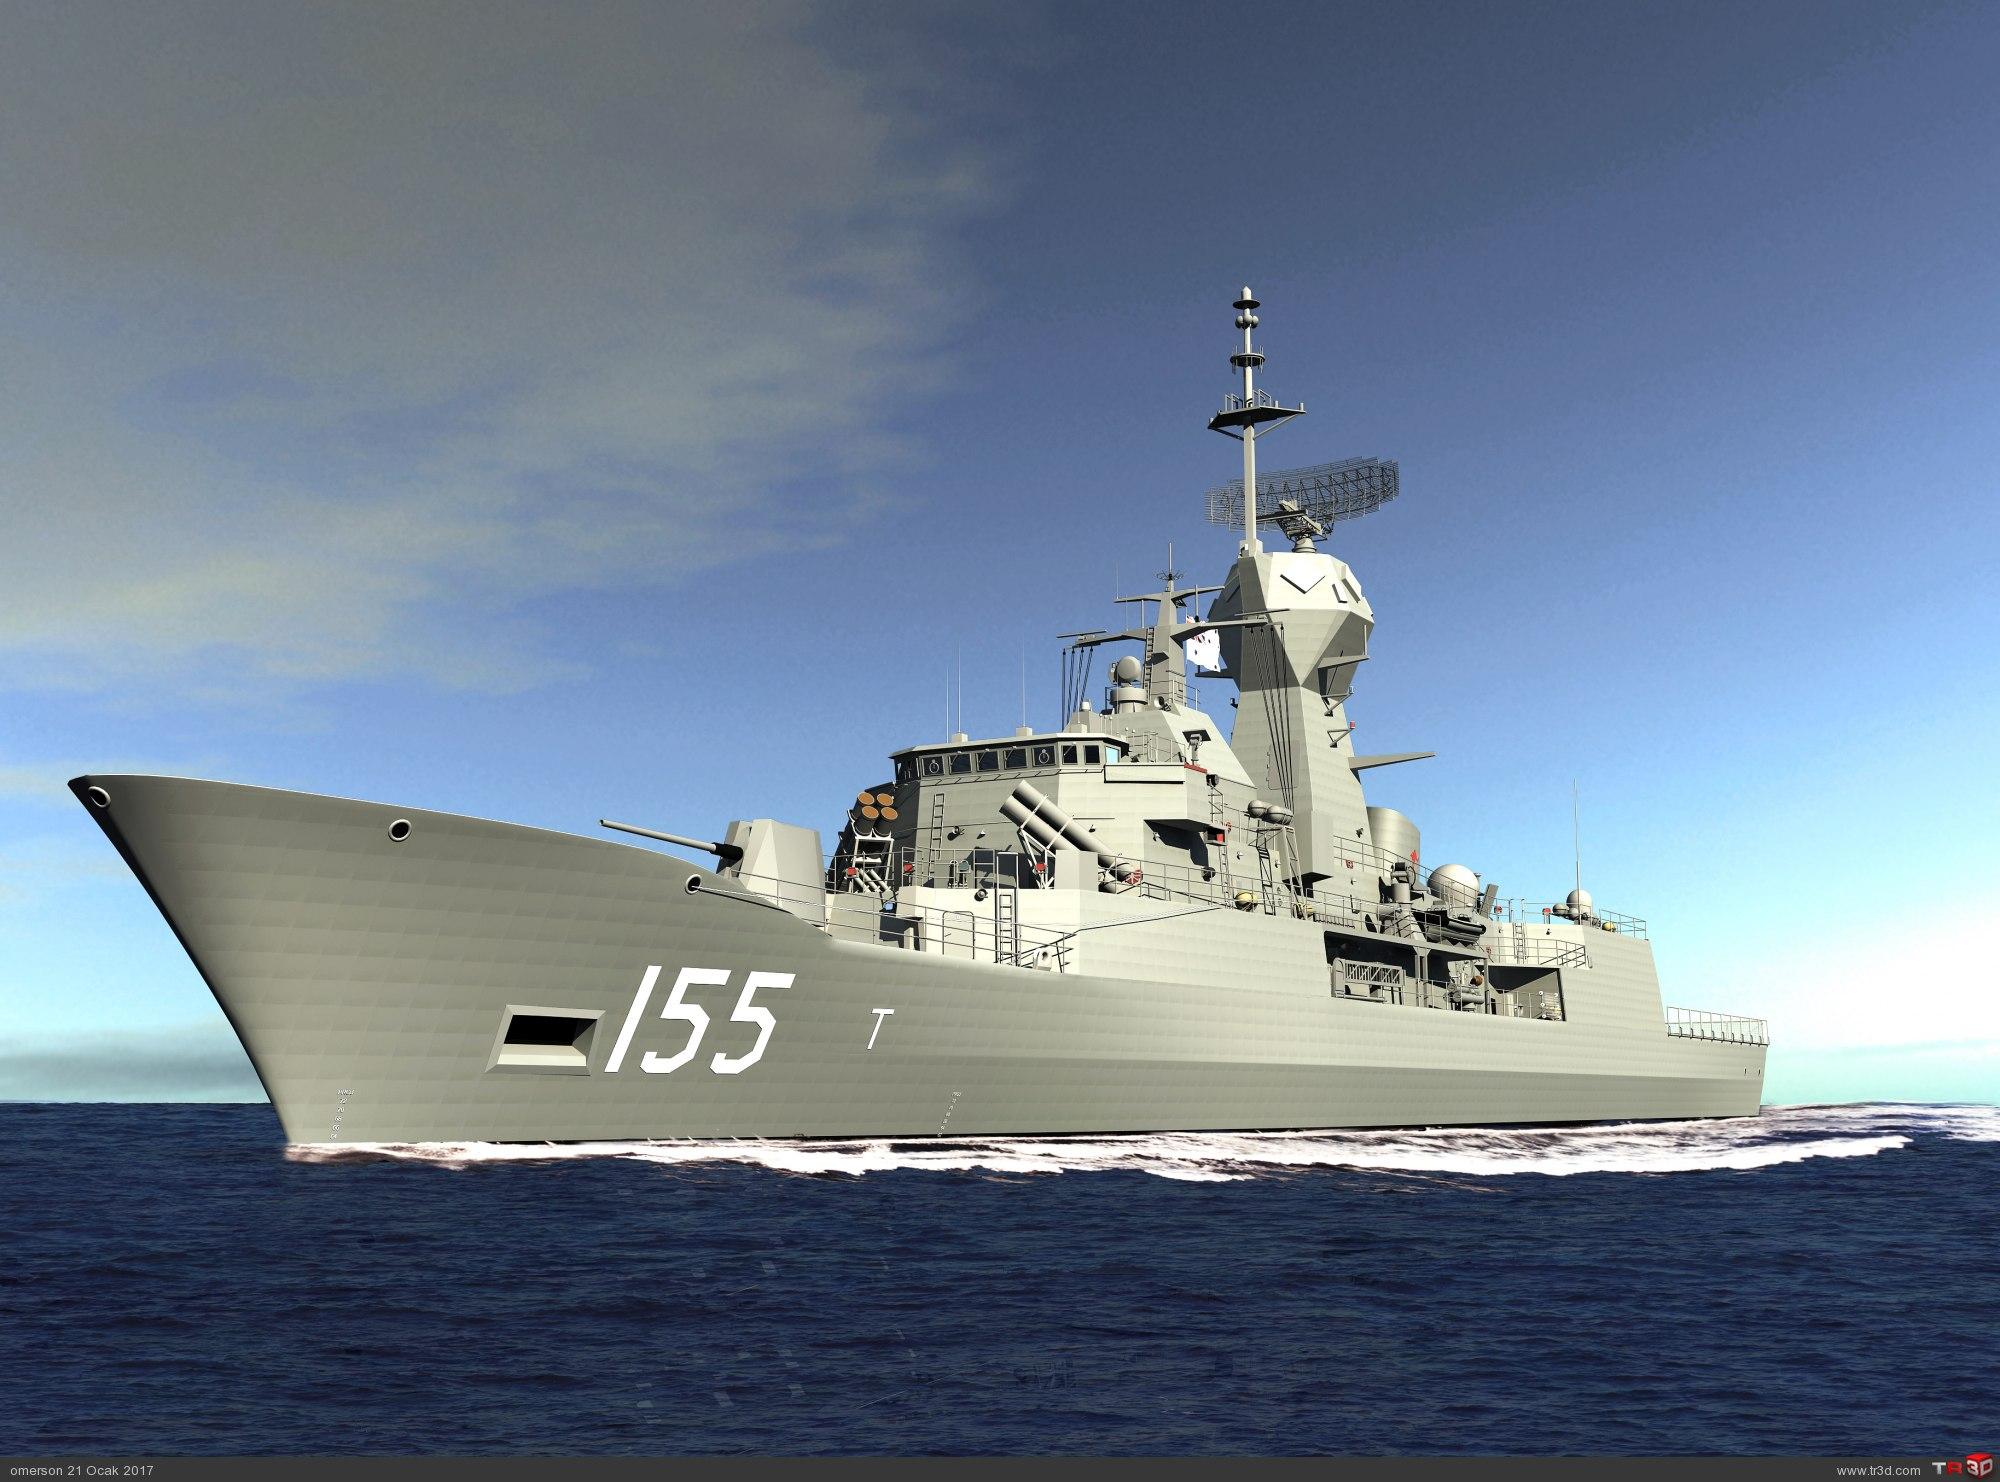 ANZAC CLASS FRIGATE HMAS BALLARAT